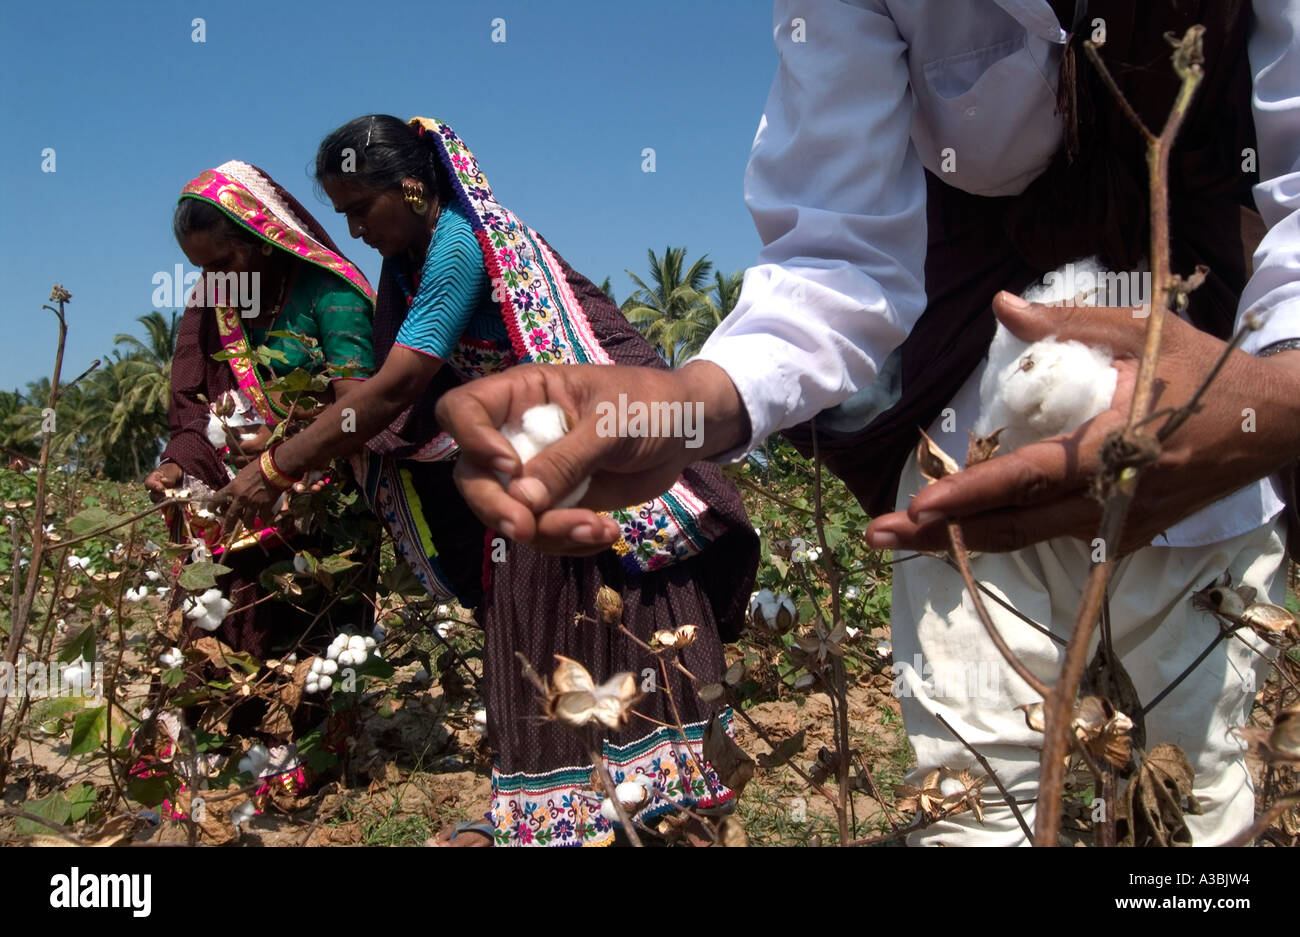 Gli agricoltori la raccolta di cotone in Gujarat, India. Questi agricoltori alimentazione cotone Fairtrade per supermercati nel Regno Unito Immagini Stock